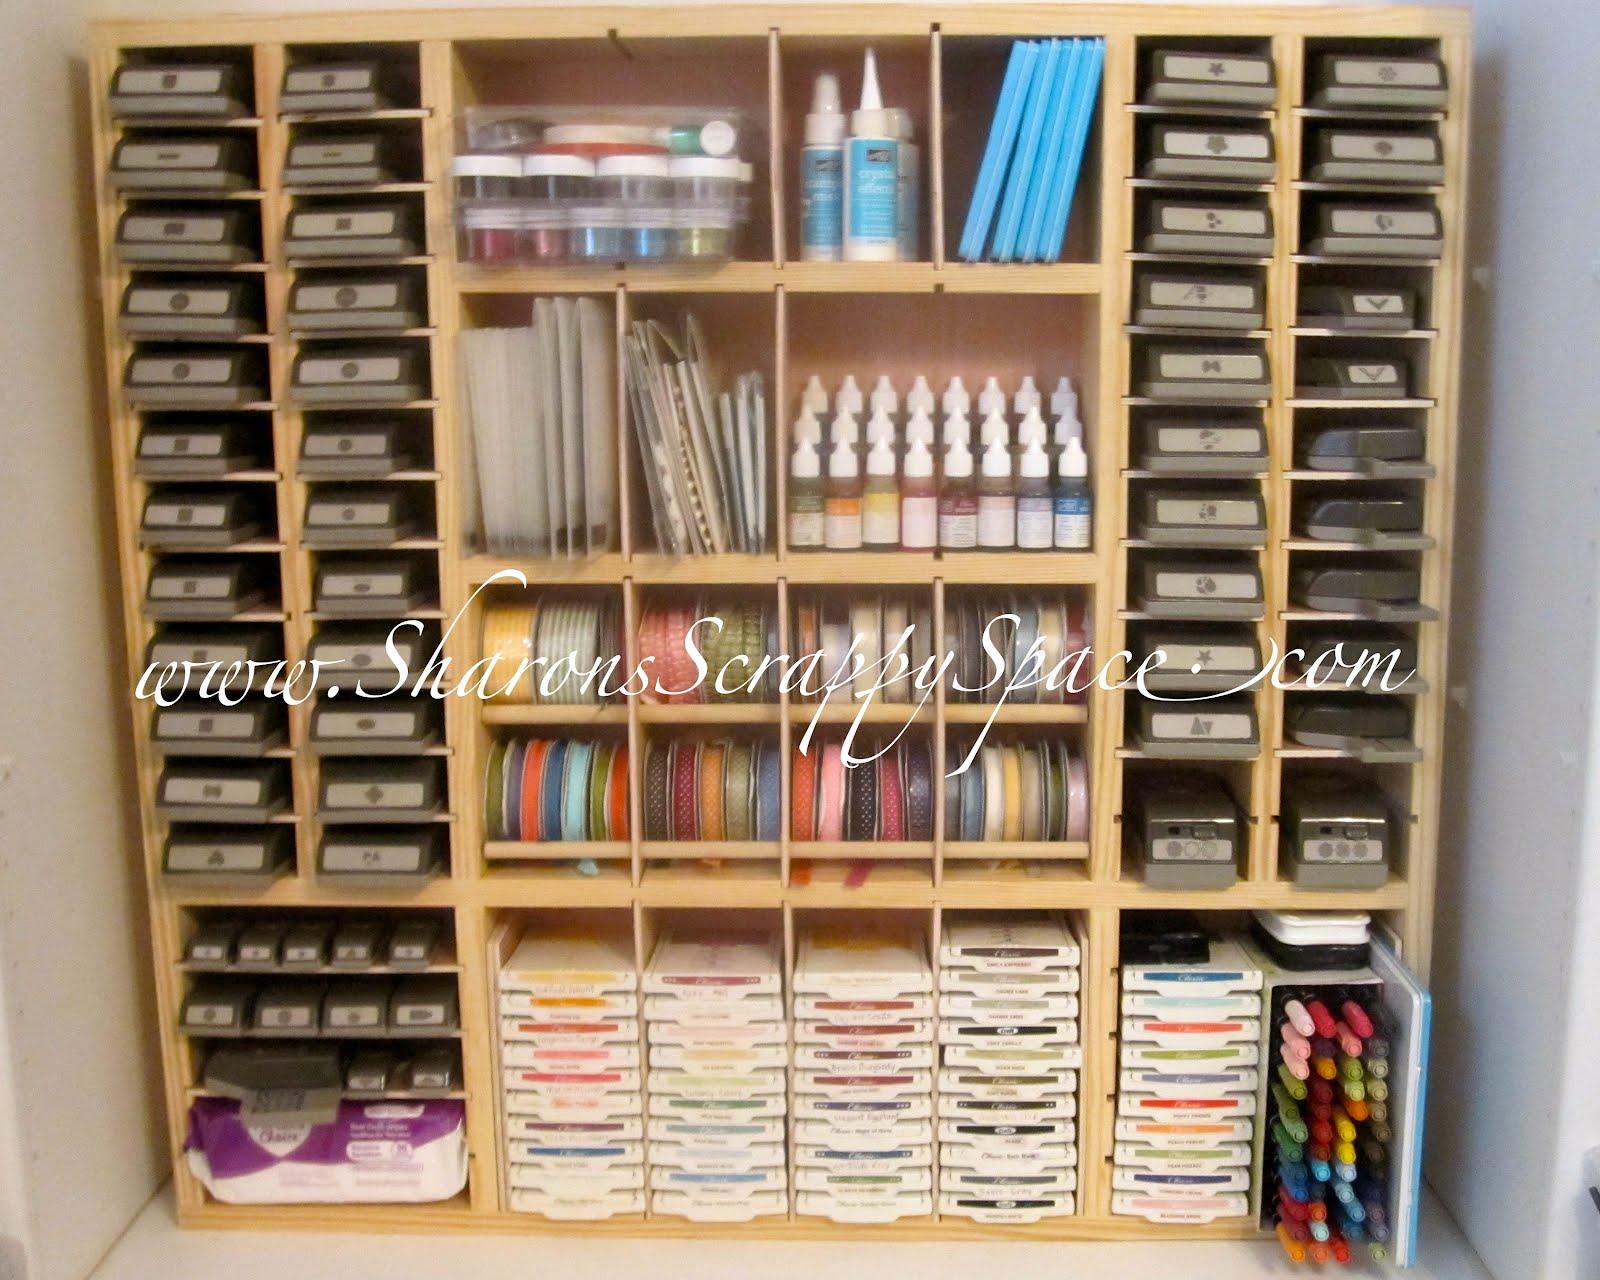 Stampin Up Scrapbooking Storage